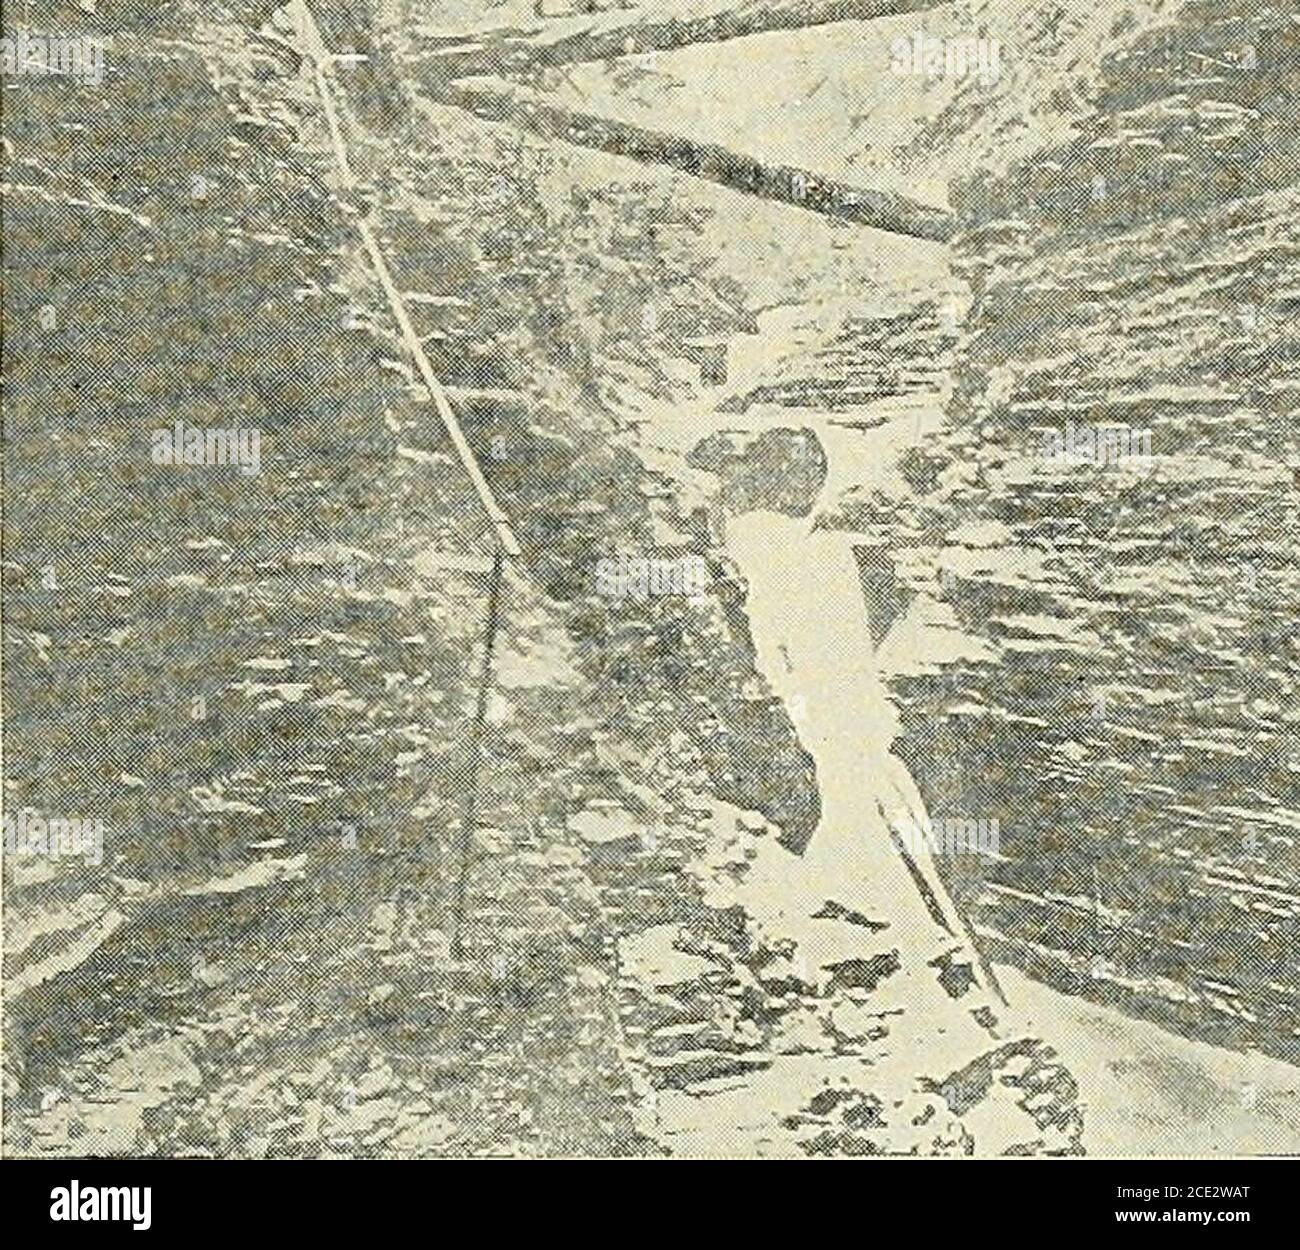 . Geografia fisica elementare . Fig. 132. Orlo delle Cascate del Niagara. Una valle con lati molto dolcemente inclinati sopra le cascate e pareti precipitose sotto. Solo perché erano valli pronte. Si credeva che la crosta della terra fosse stata contorta andfuscured, che le inondazioni oceaniche avevano spazzato sopra la terra, e thatthe fiumi non aveva praticamente alcuna parte nella formazione di thevalley che essi occupavano. Ora sappiamo che la grande entità dei fiumi ha formato le proprie valli, che le hanno aveformate in modo molto lento, e che la maggior parte di esse sono VALLI FLUVIALI. 265 ancora innestato nel wor Foto Stock